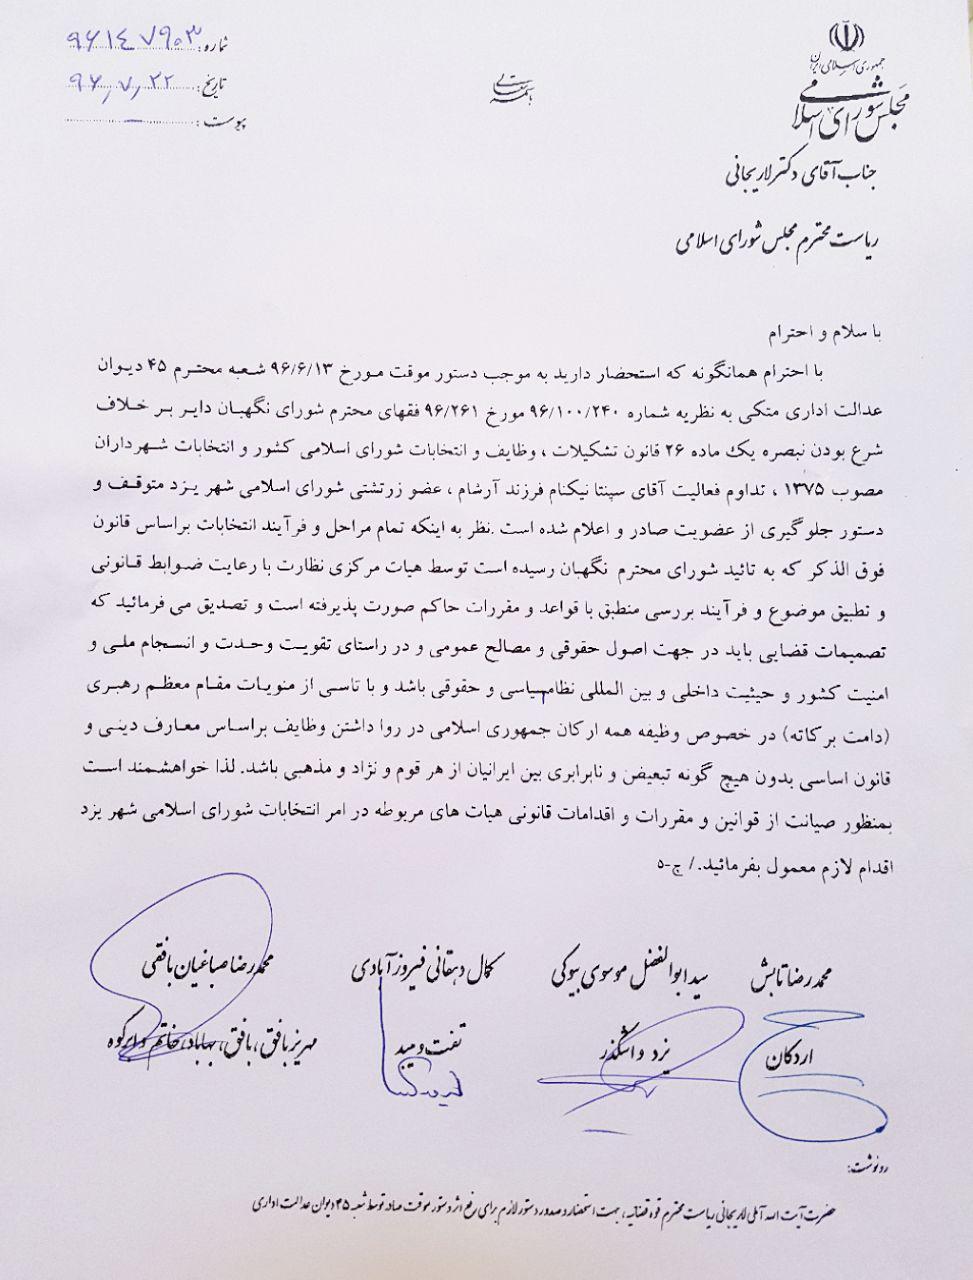 درخواست نمایندگان یزد از لاریجانی: حکم تعلیق عضو زرتشتی شورای یزد متوقف شود